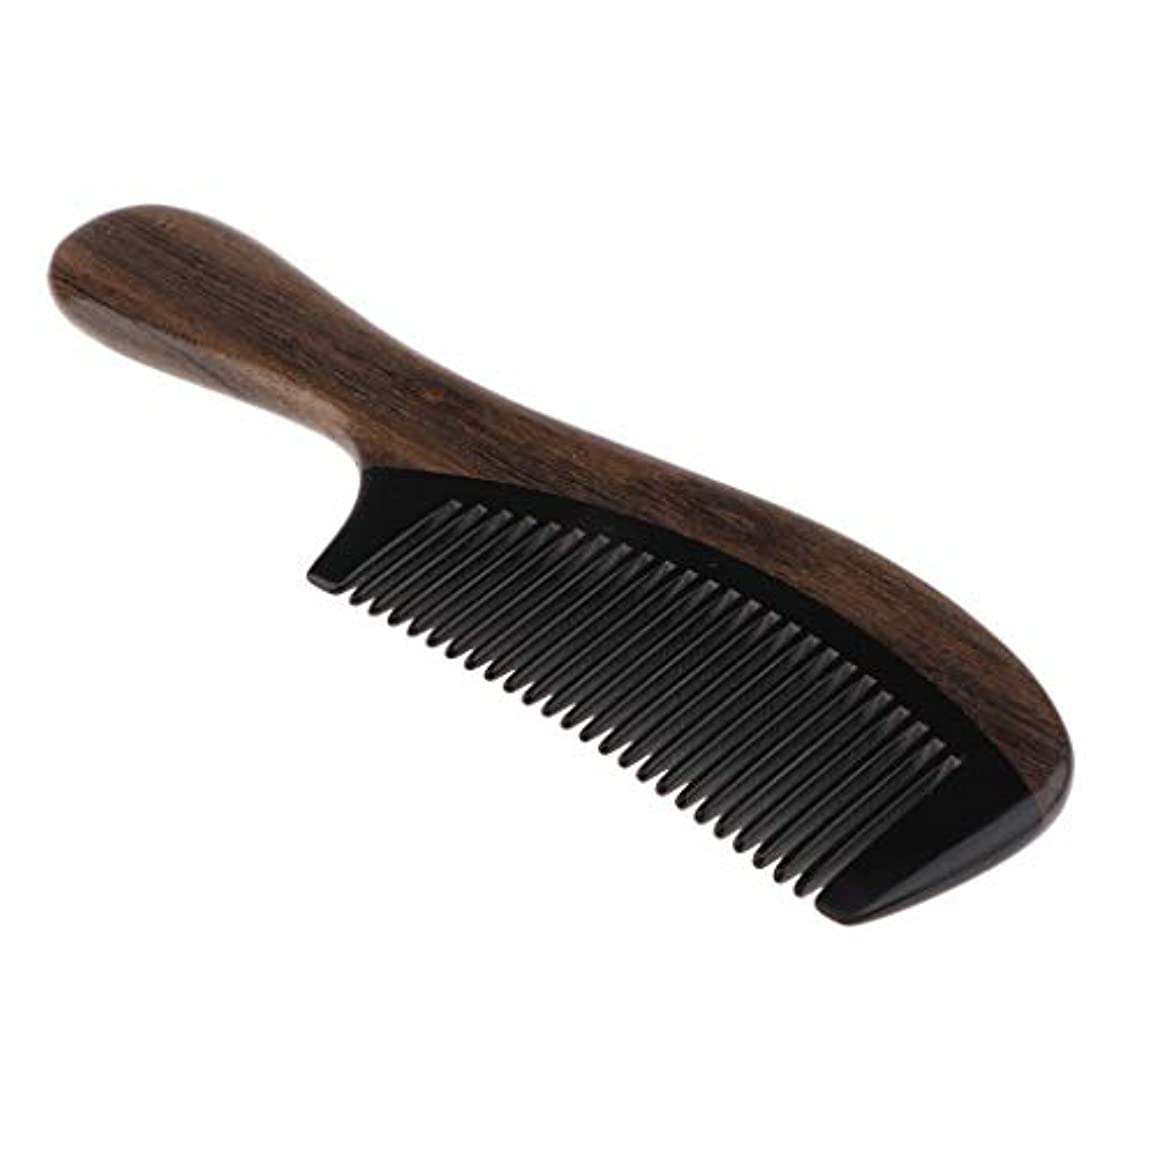 キャッチ銅やりすぎくし コーム 木製 木製櫛 ヘア櫛 ヘアブラシ 頭皮マッサージ ヘアケア 頭皮に優しい ヘアケアツール